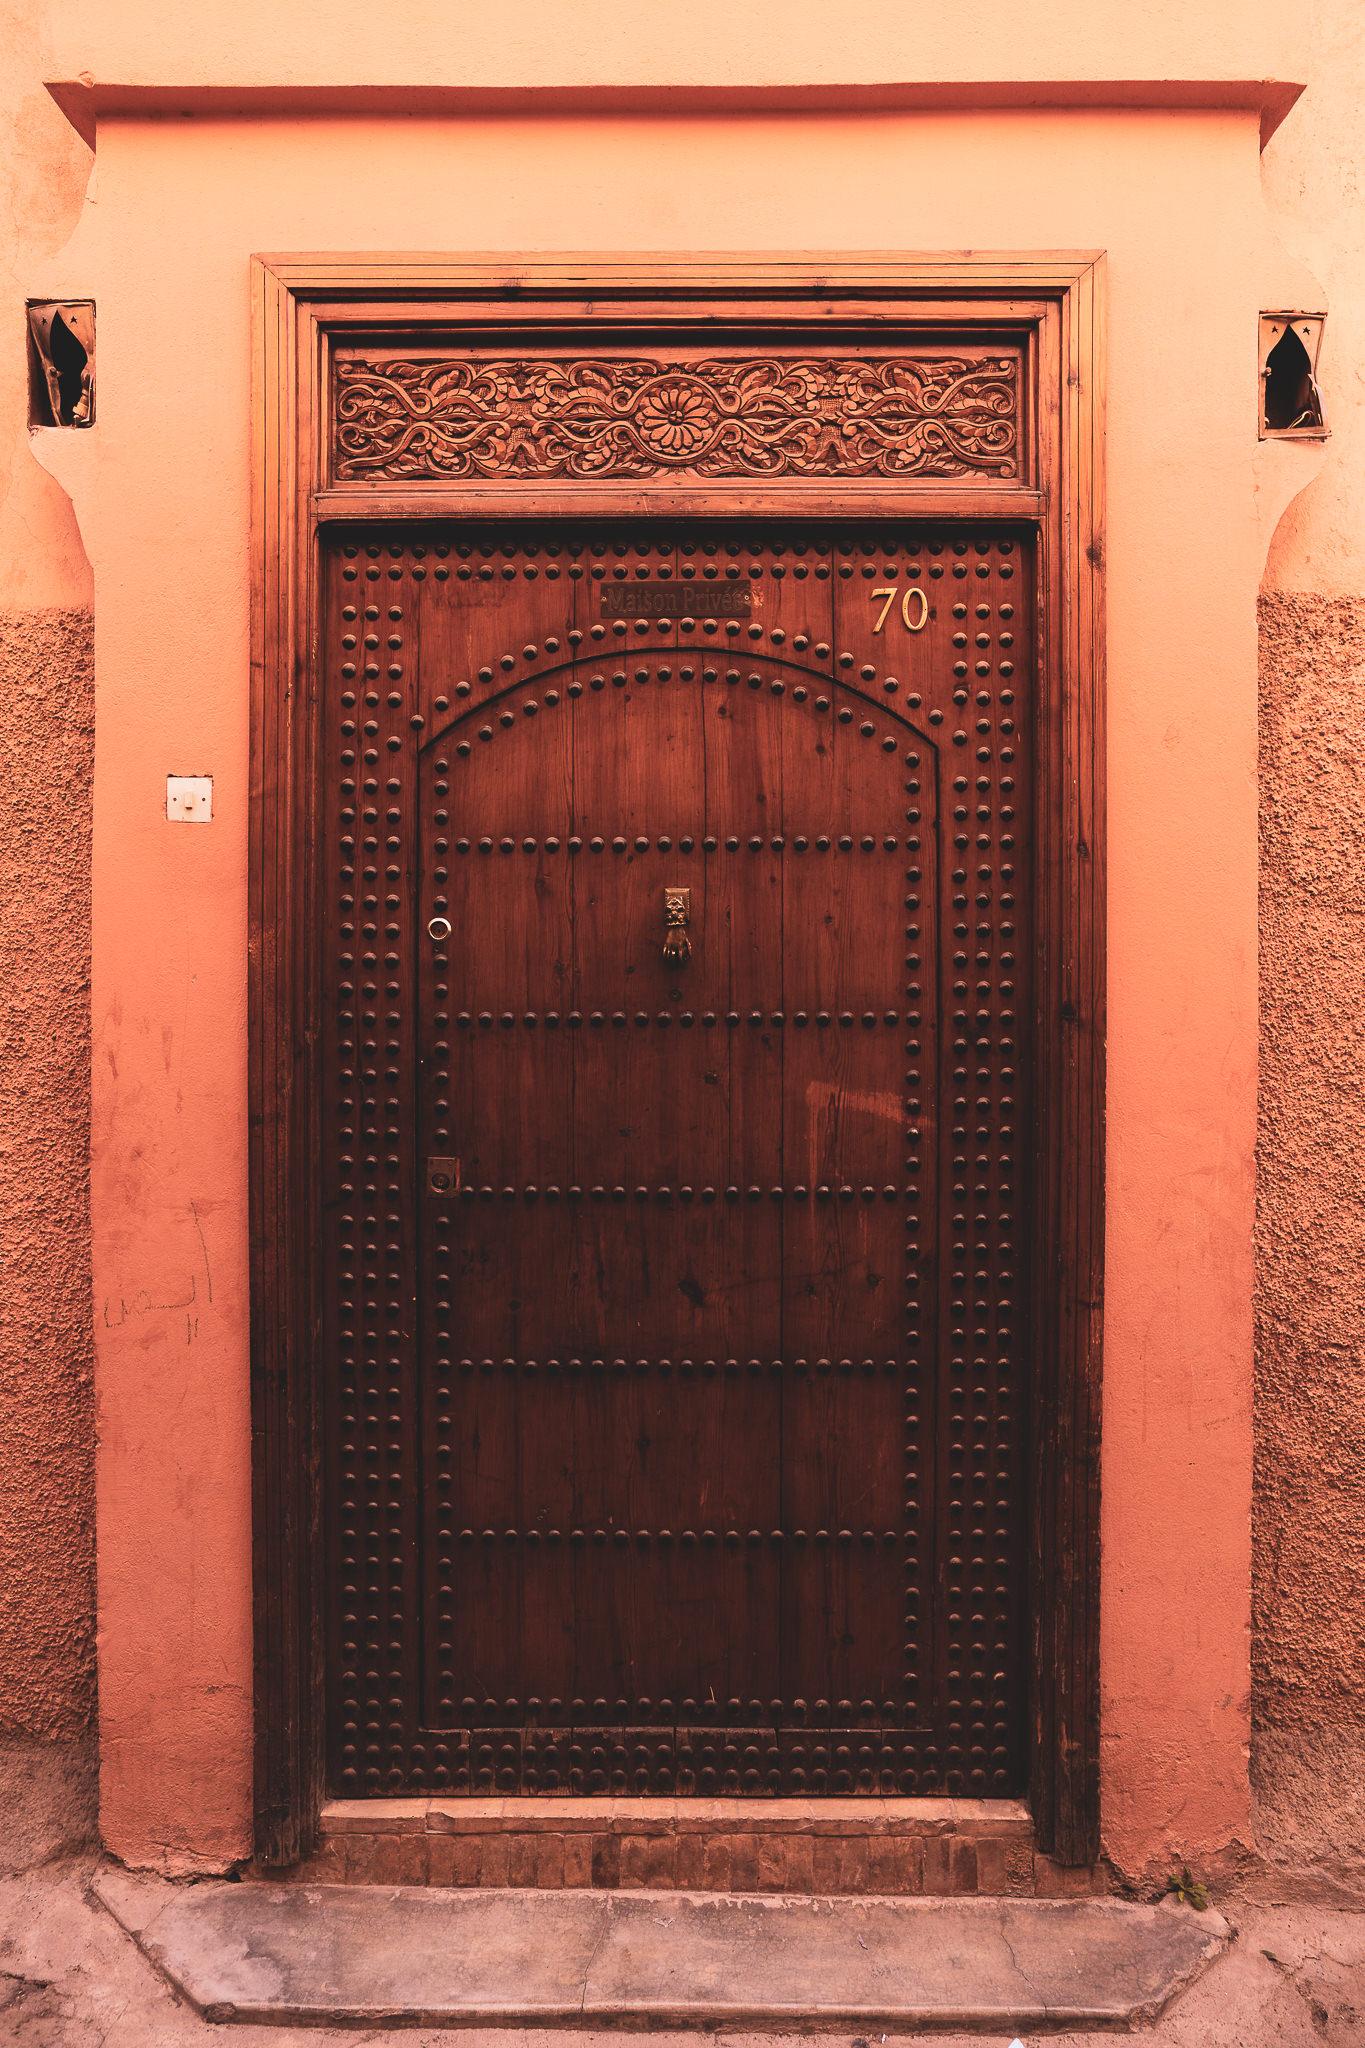 Marrakech ornate door #2